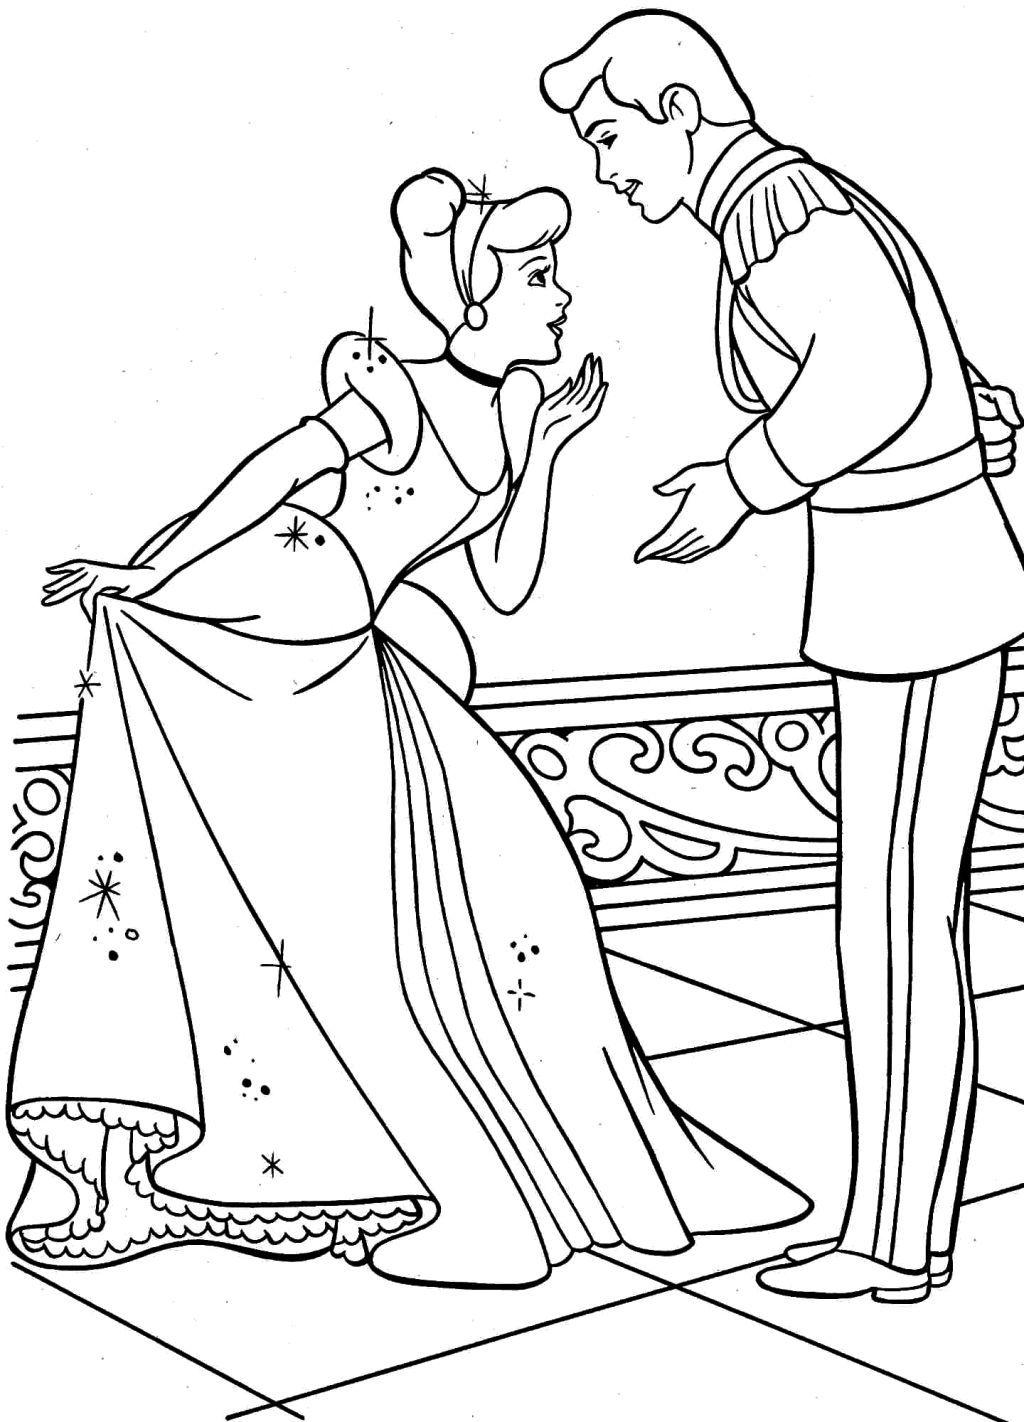 Cinderella Adult Coloring Book Google Search Stencils